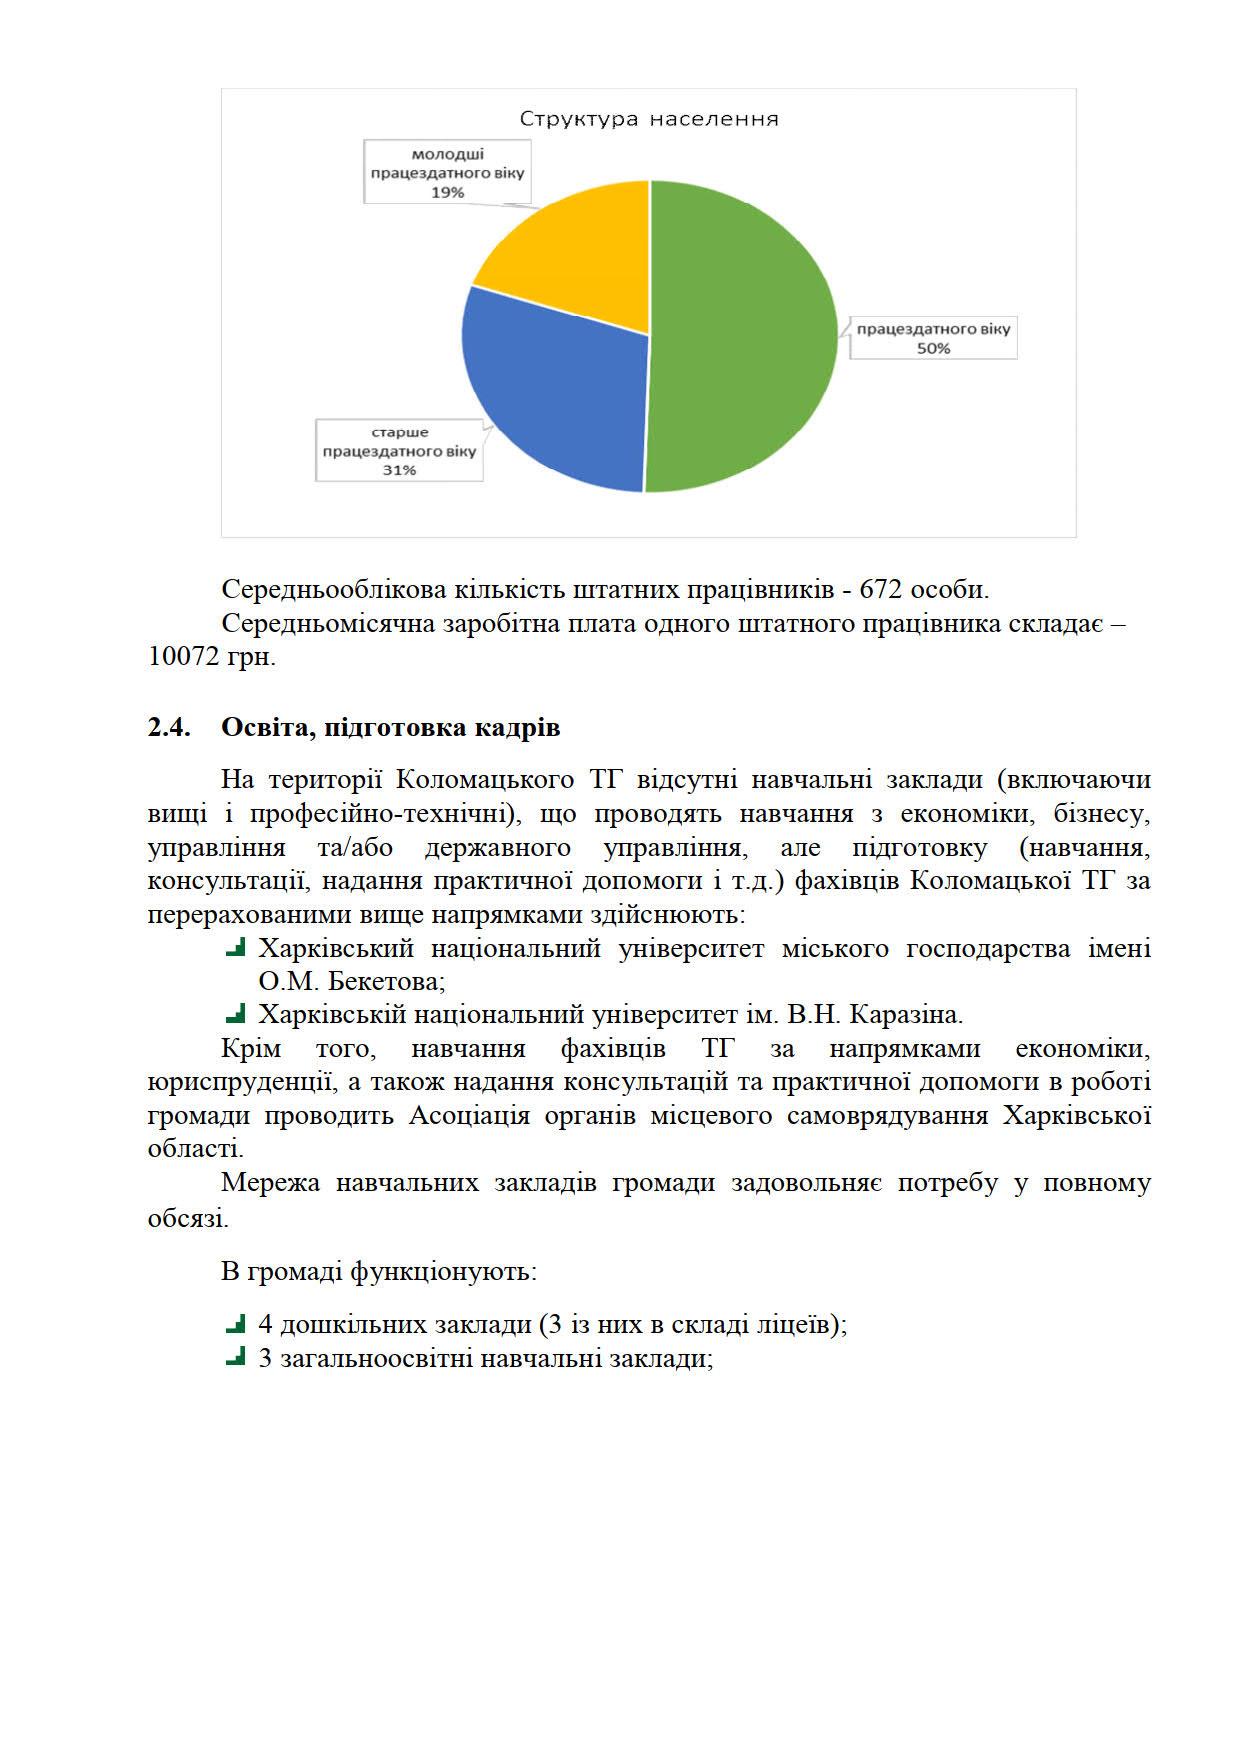 Microsoft Word - інвестиційний паспорт 2021 готов_07